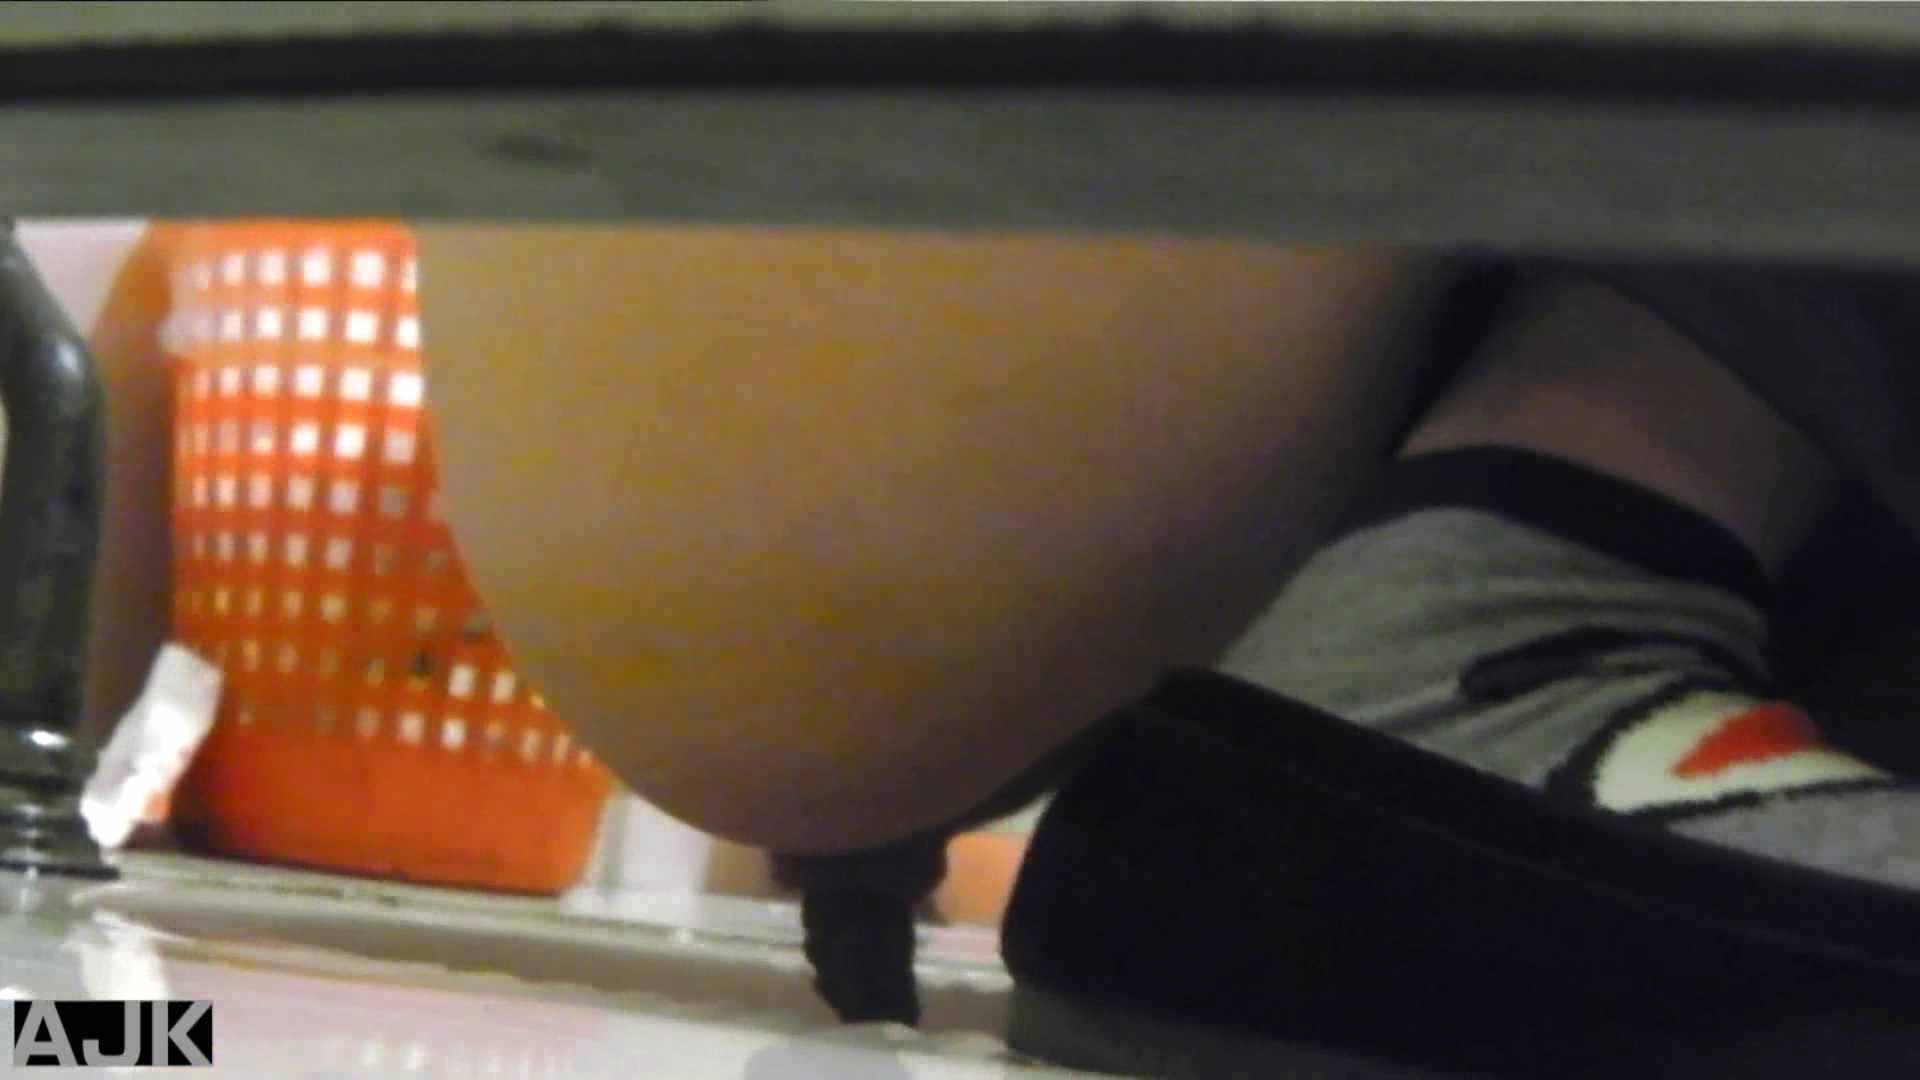 無修正エロ動画|隣国上階級エリアの令嬢たちが集うデパートお手洗い Vol.27|怪盗ジョーカー